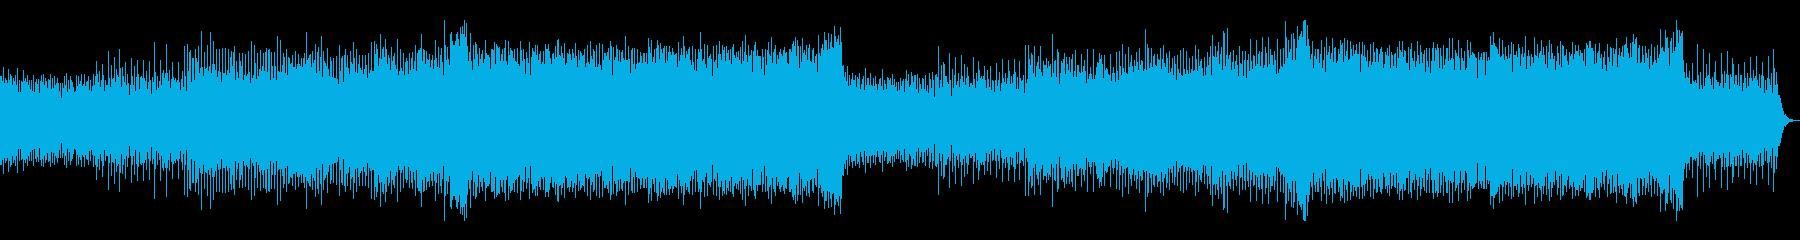 爽やか・CM・走る・疾走感・EDMの再生済みの波形